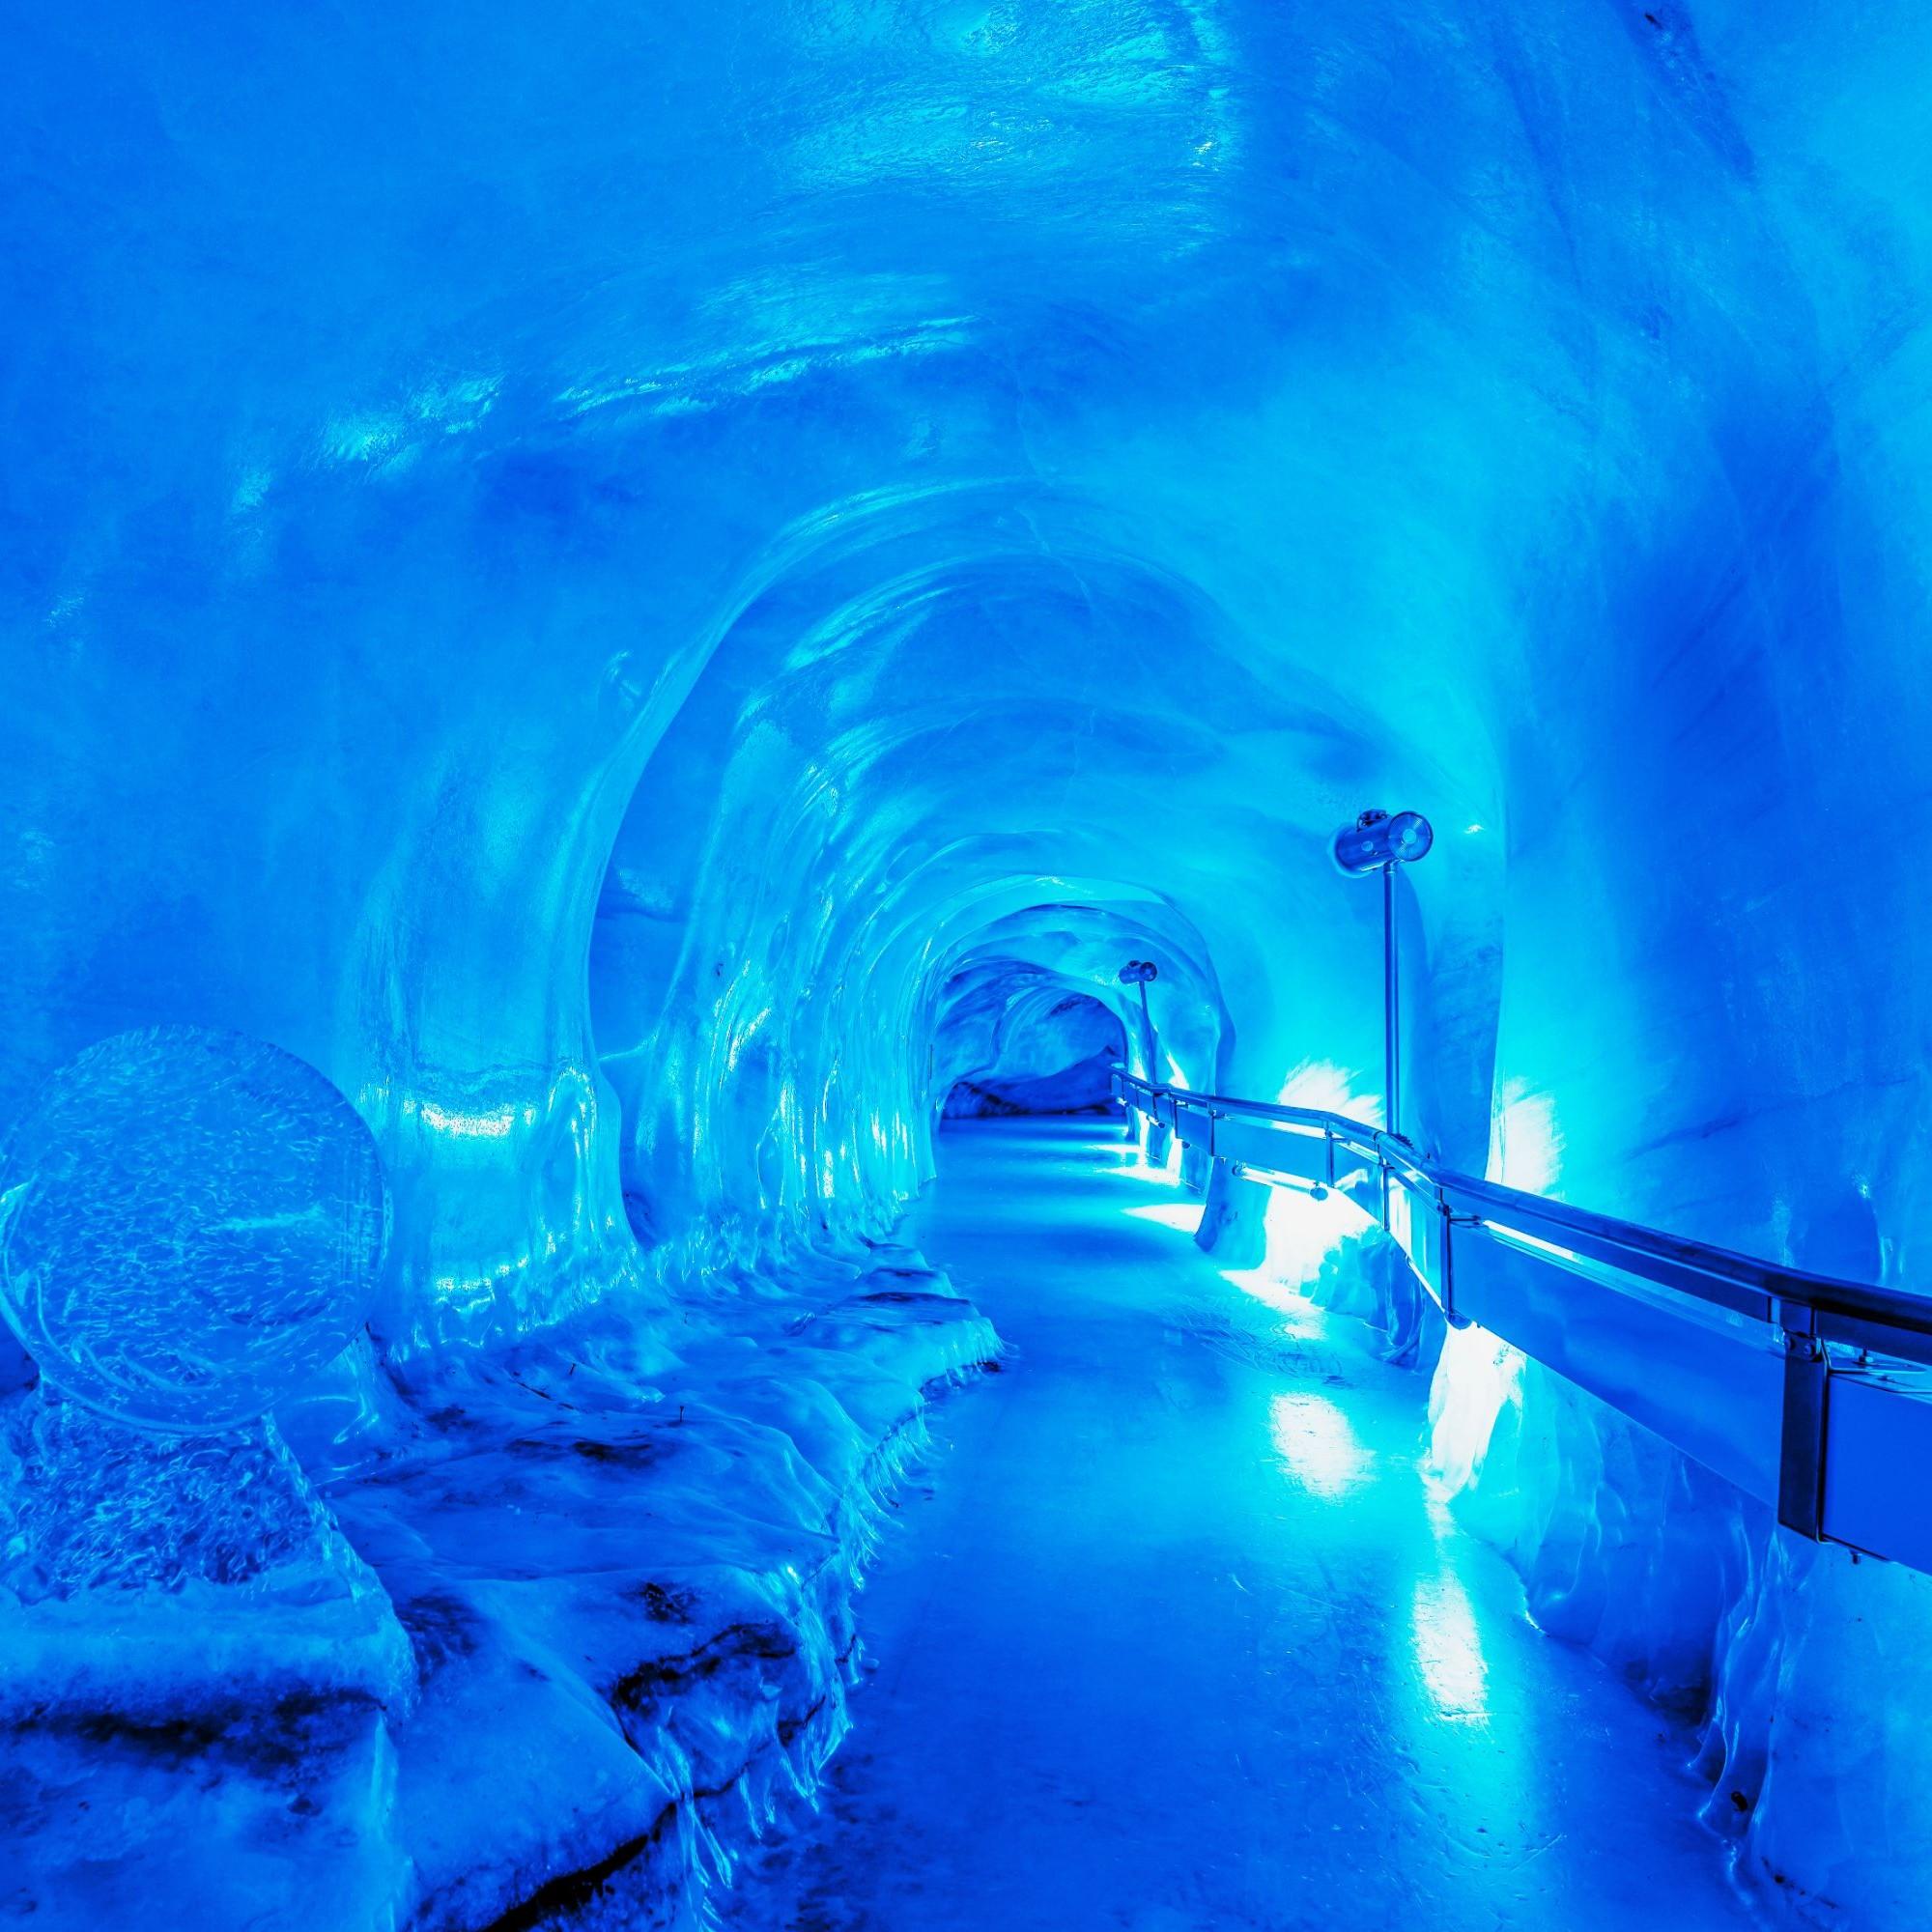 Ein frostiger Sommerausflug ins uralte Eis?